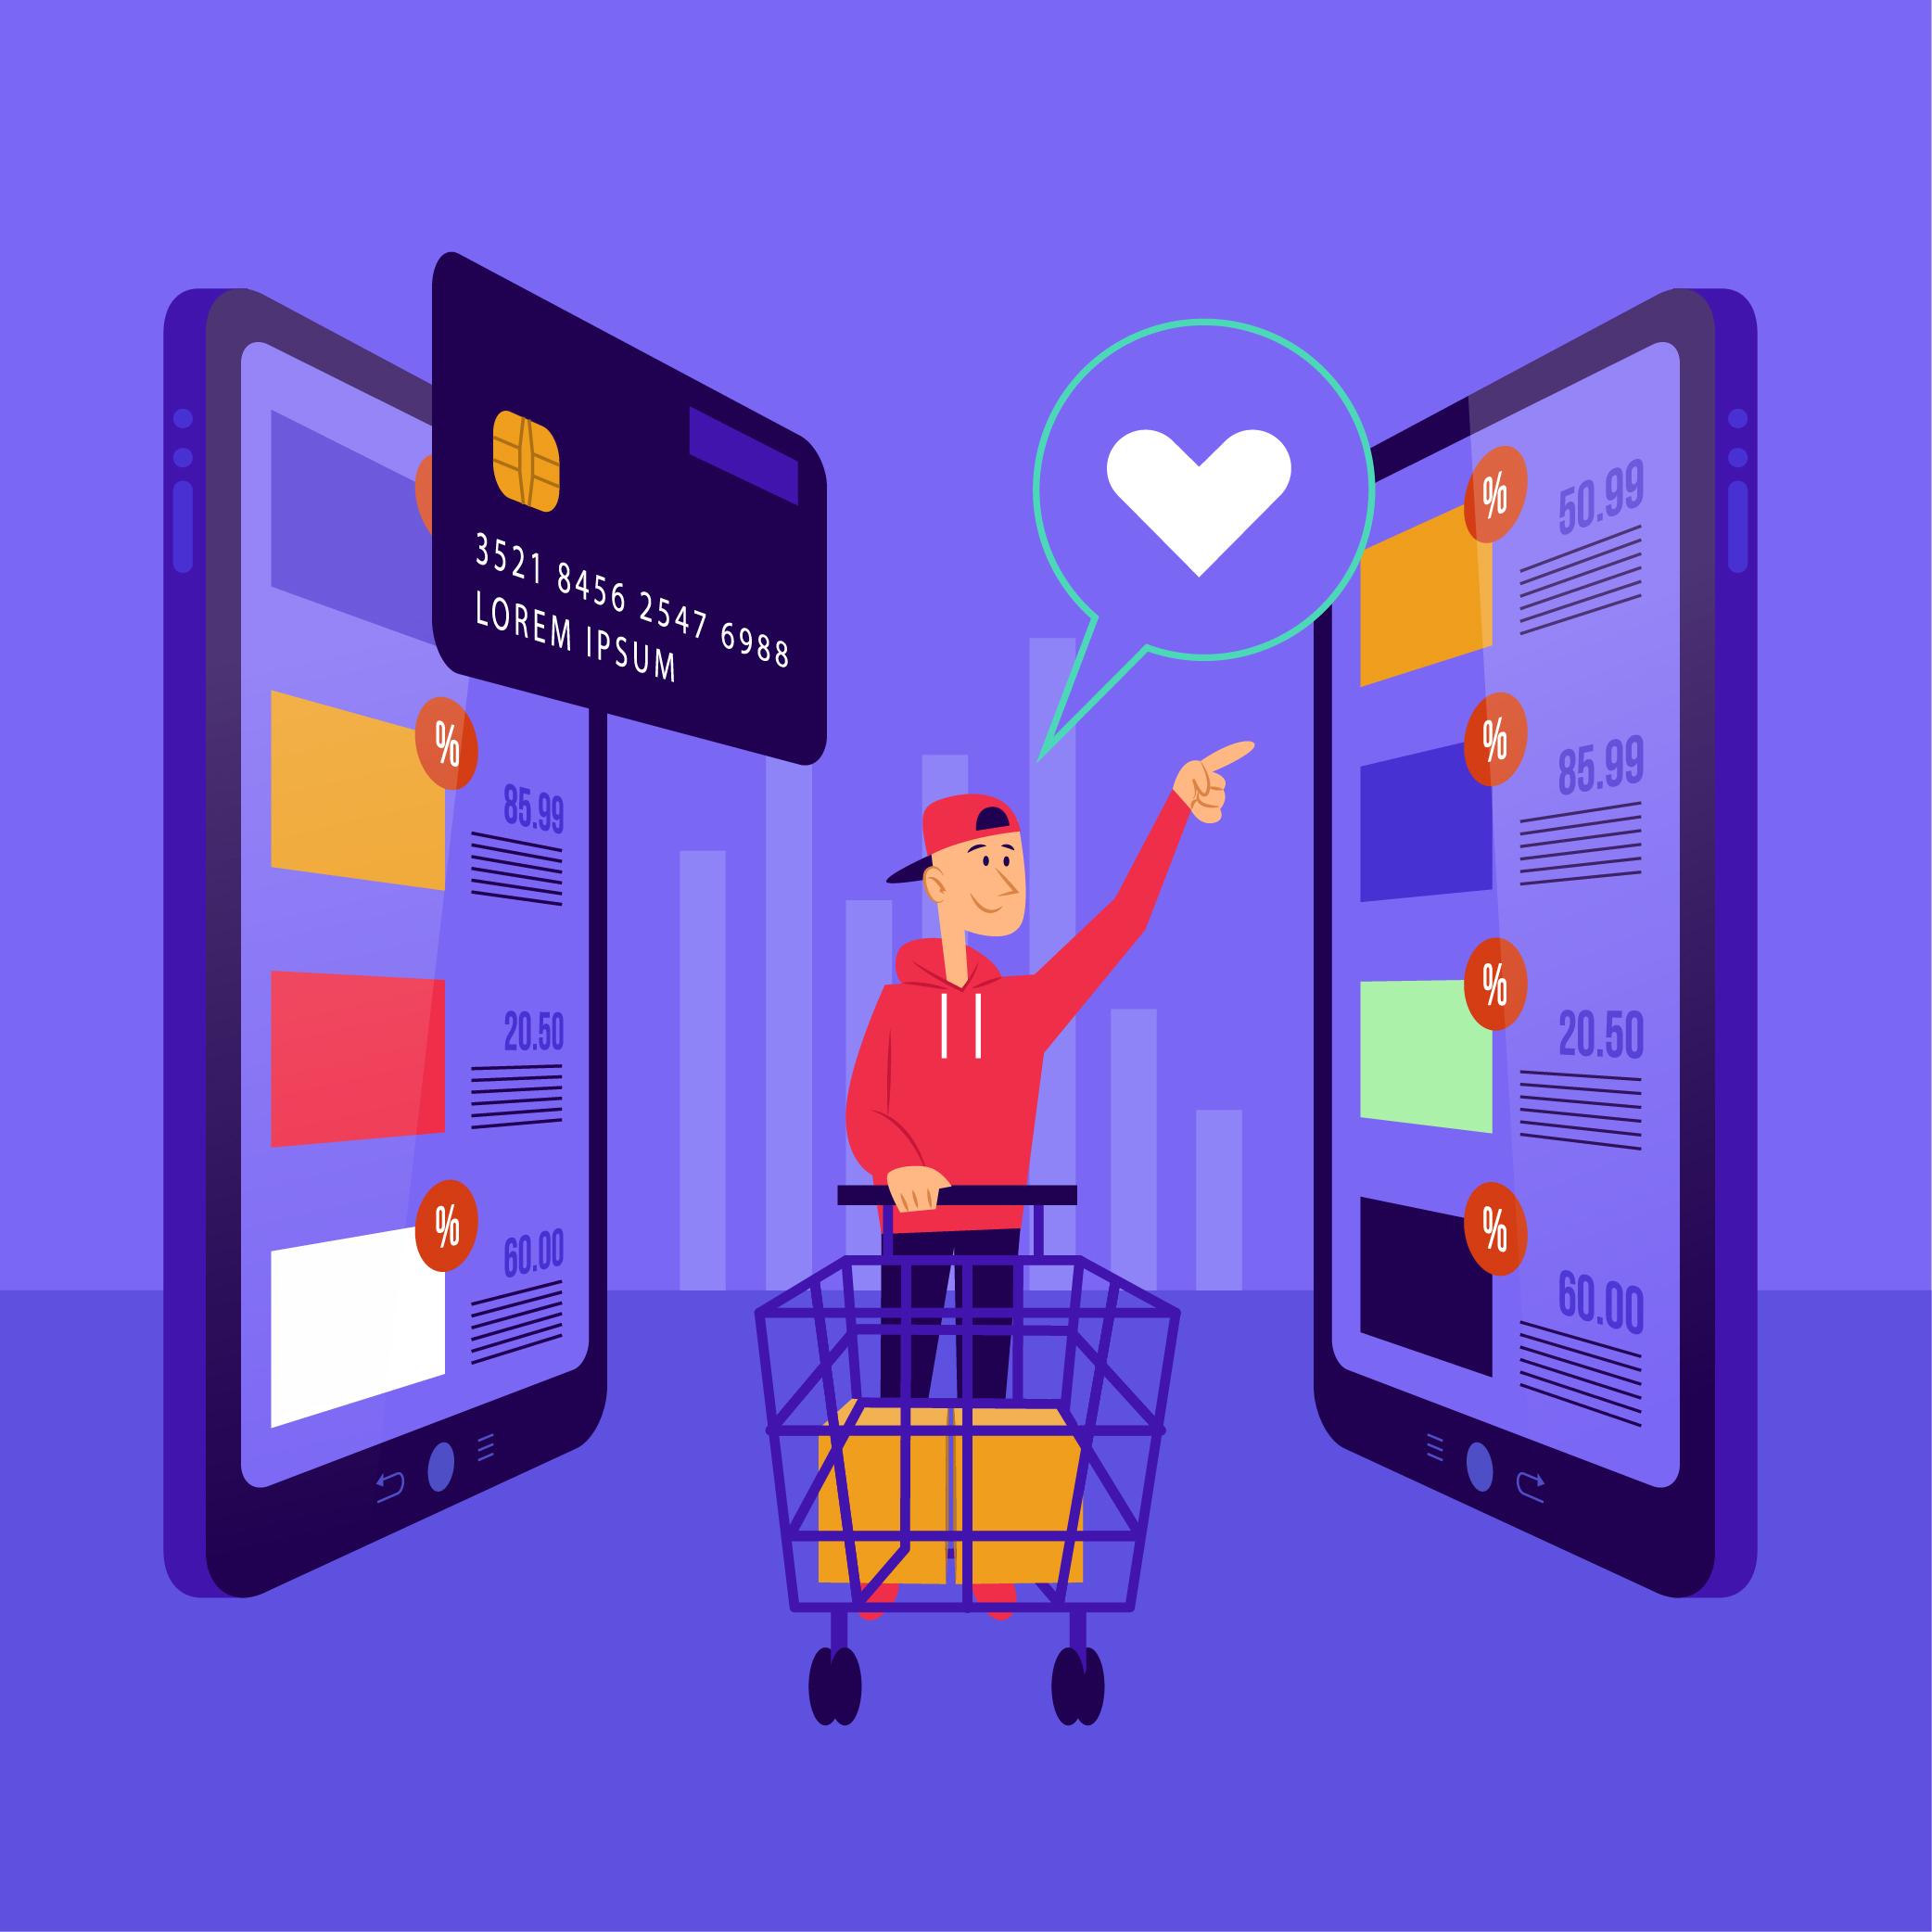 Quy trình chọn mua và đặt cọc đơn hàng